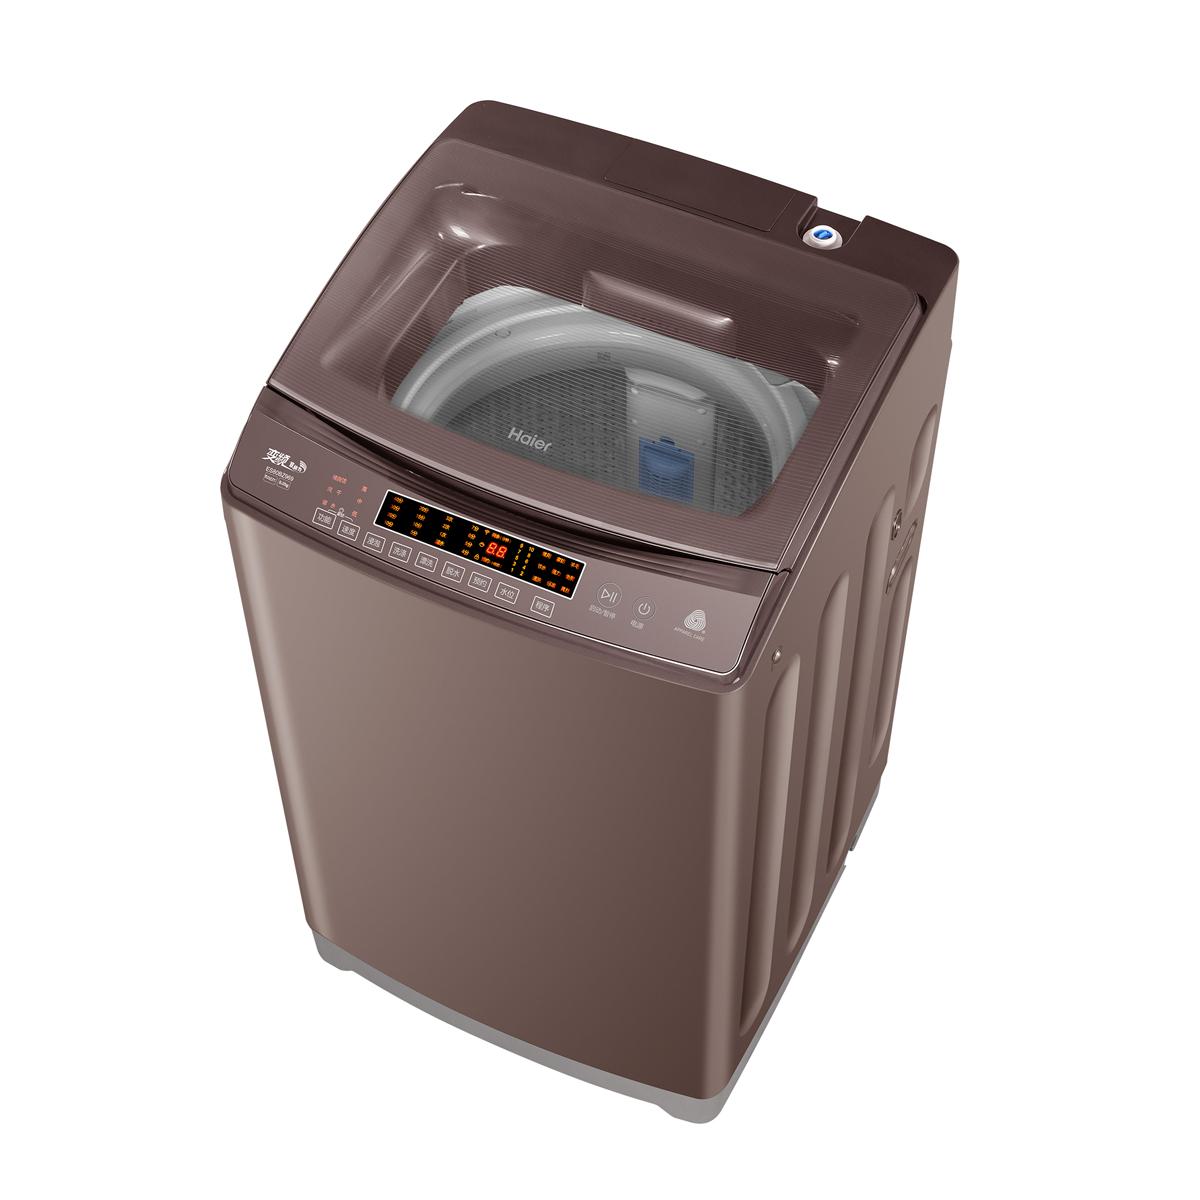 海尔滚筒洗衣机哪款好 海尔滚筒洗衣机价格性能讲解